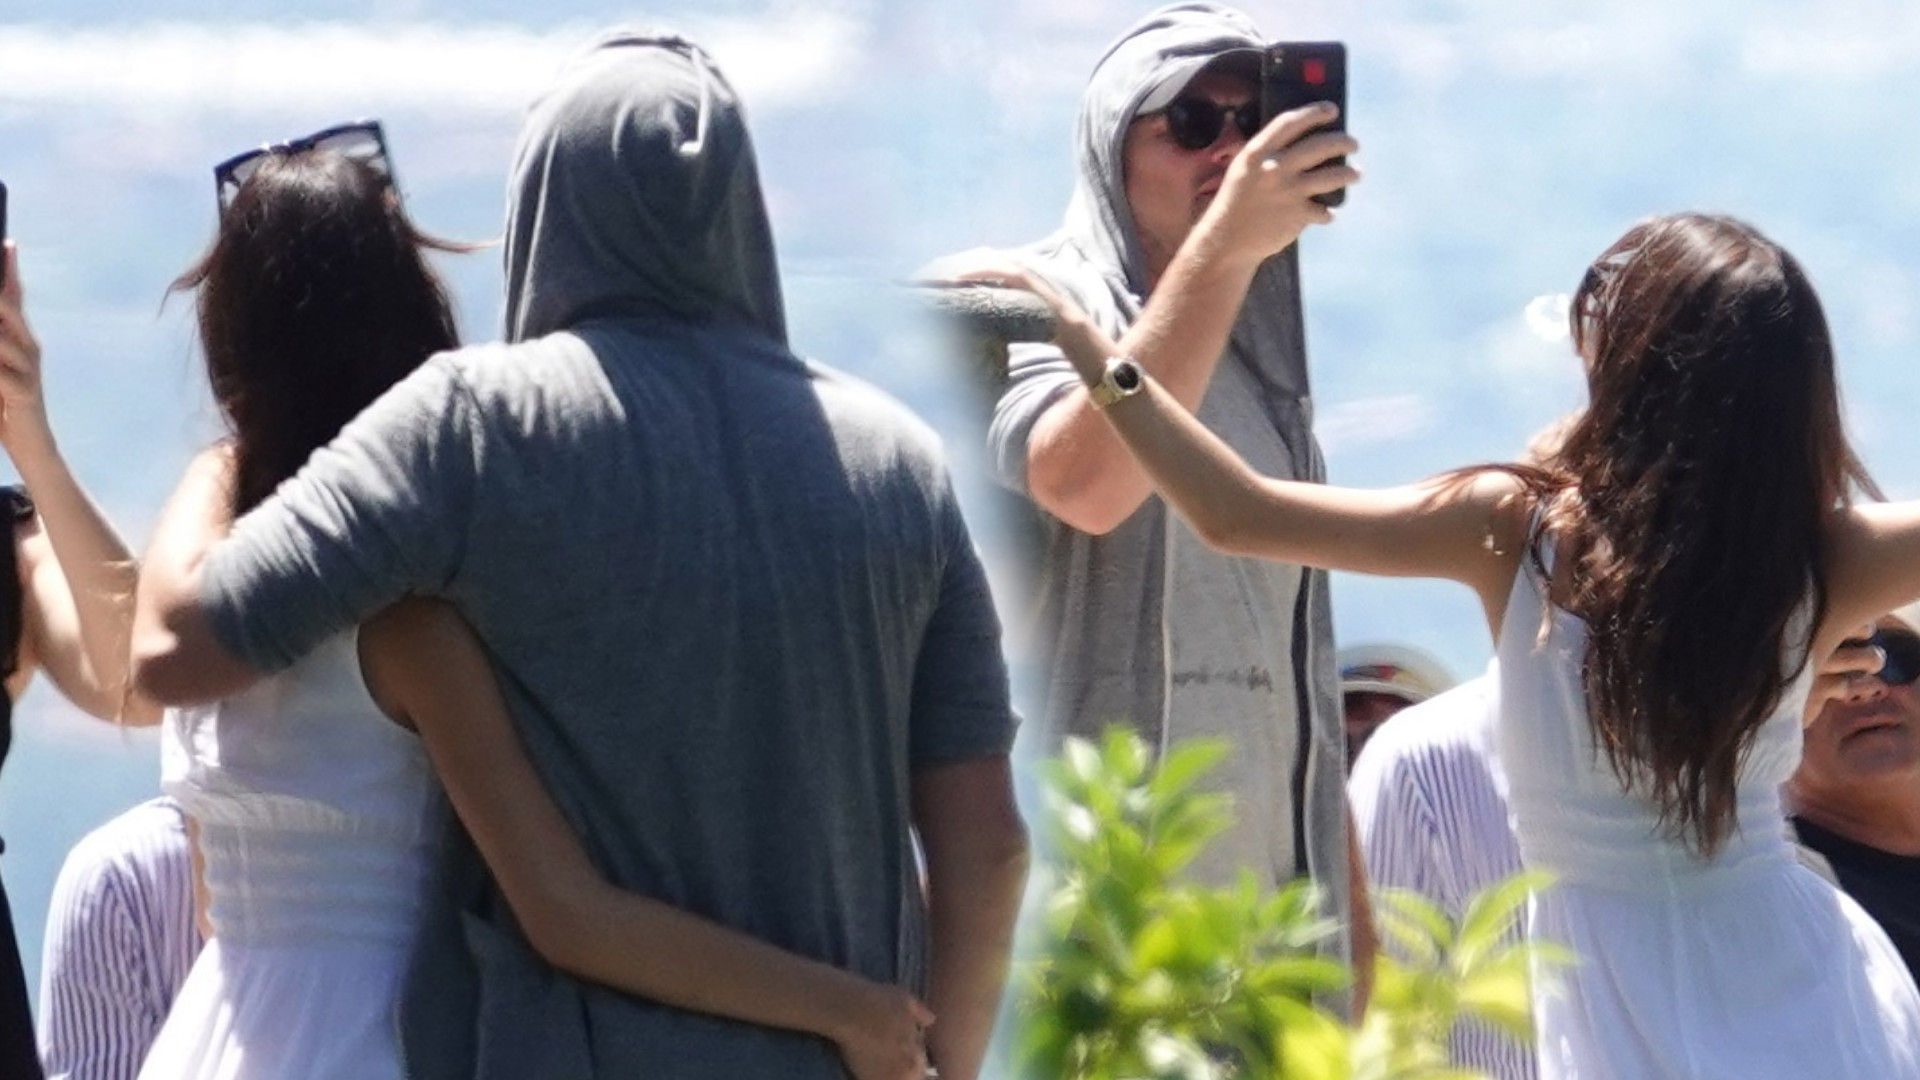 Leonardo DiCaprio z 22-letnią partnerką i mamą zwiedzają Włochy